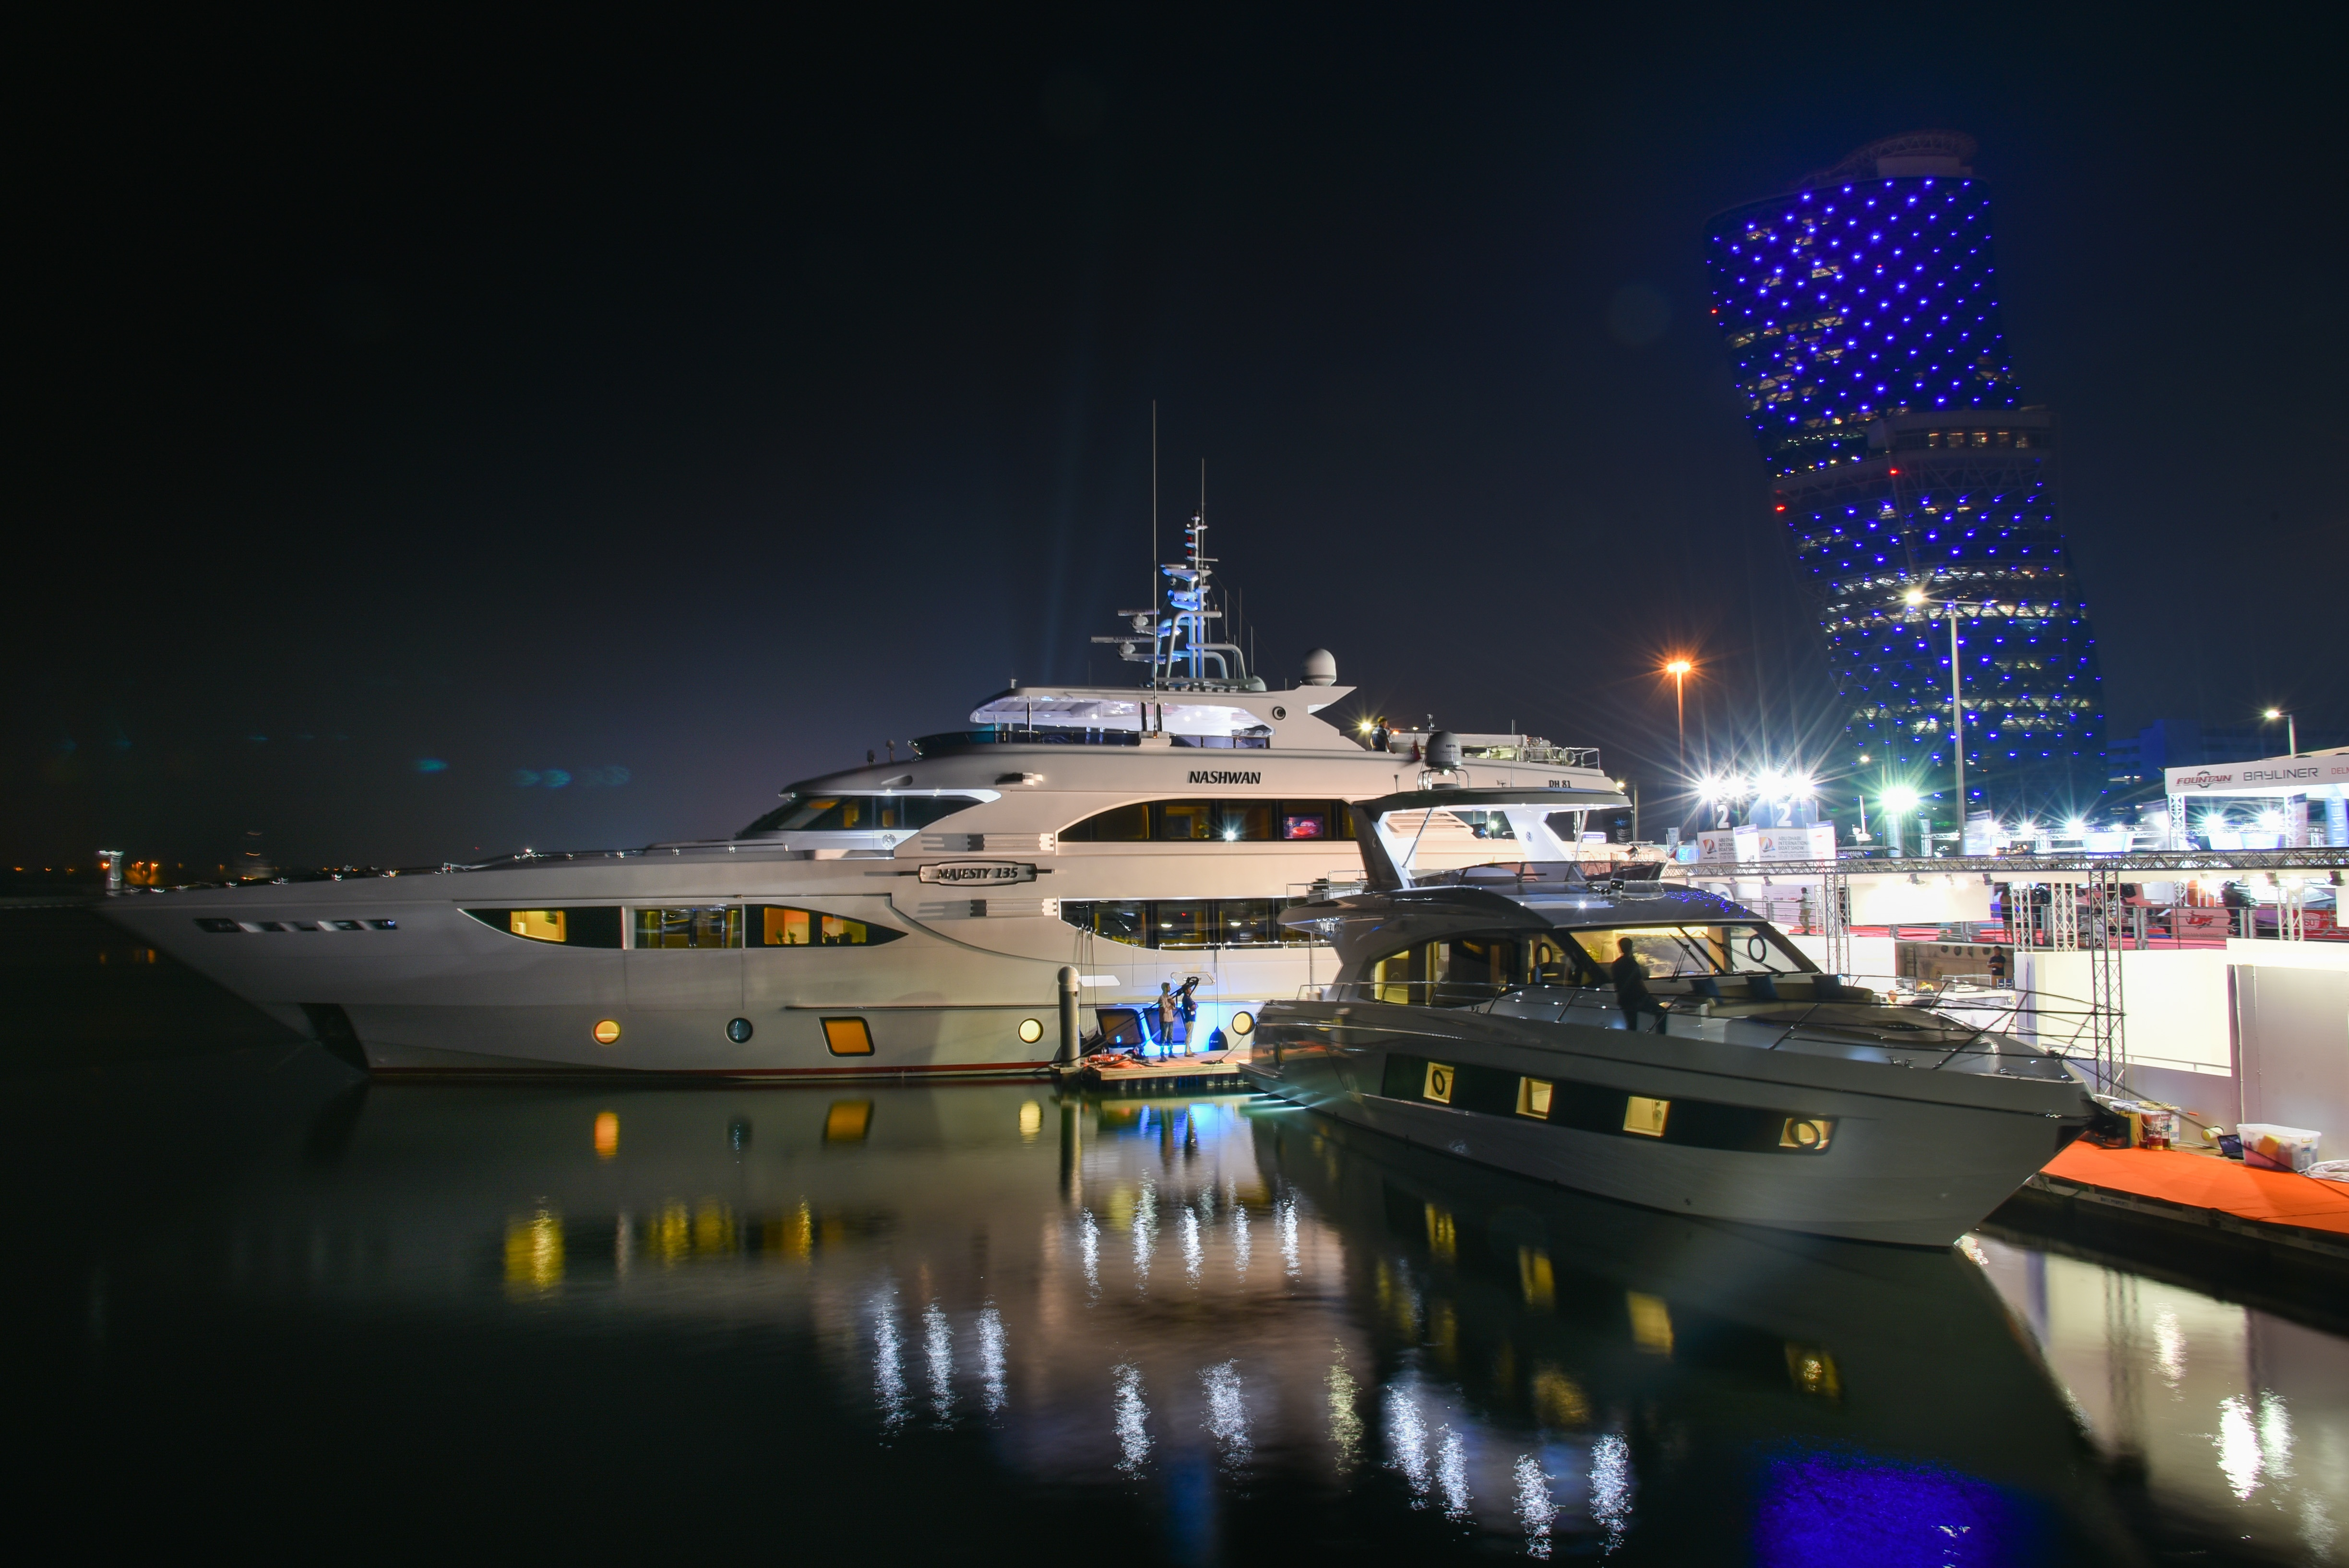 Gulf Craft, Abu Dhabi Boat Show 2018 (19).jpg